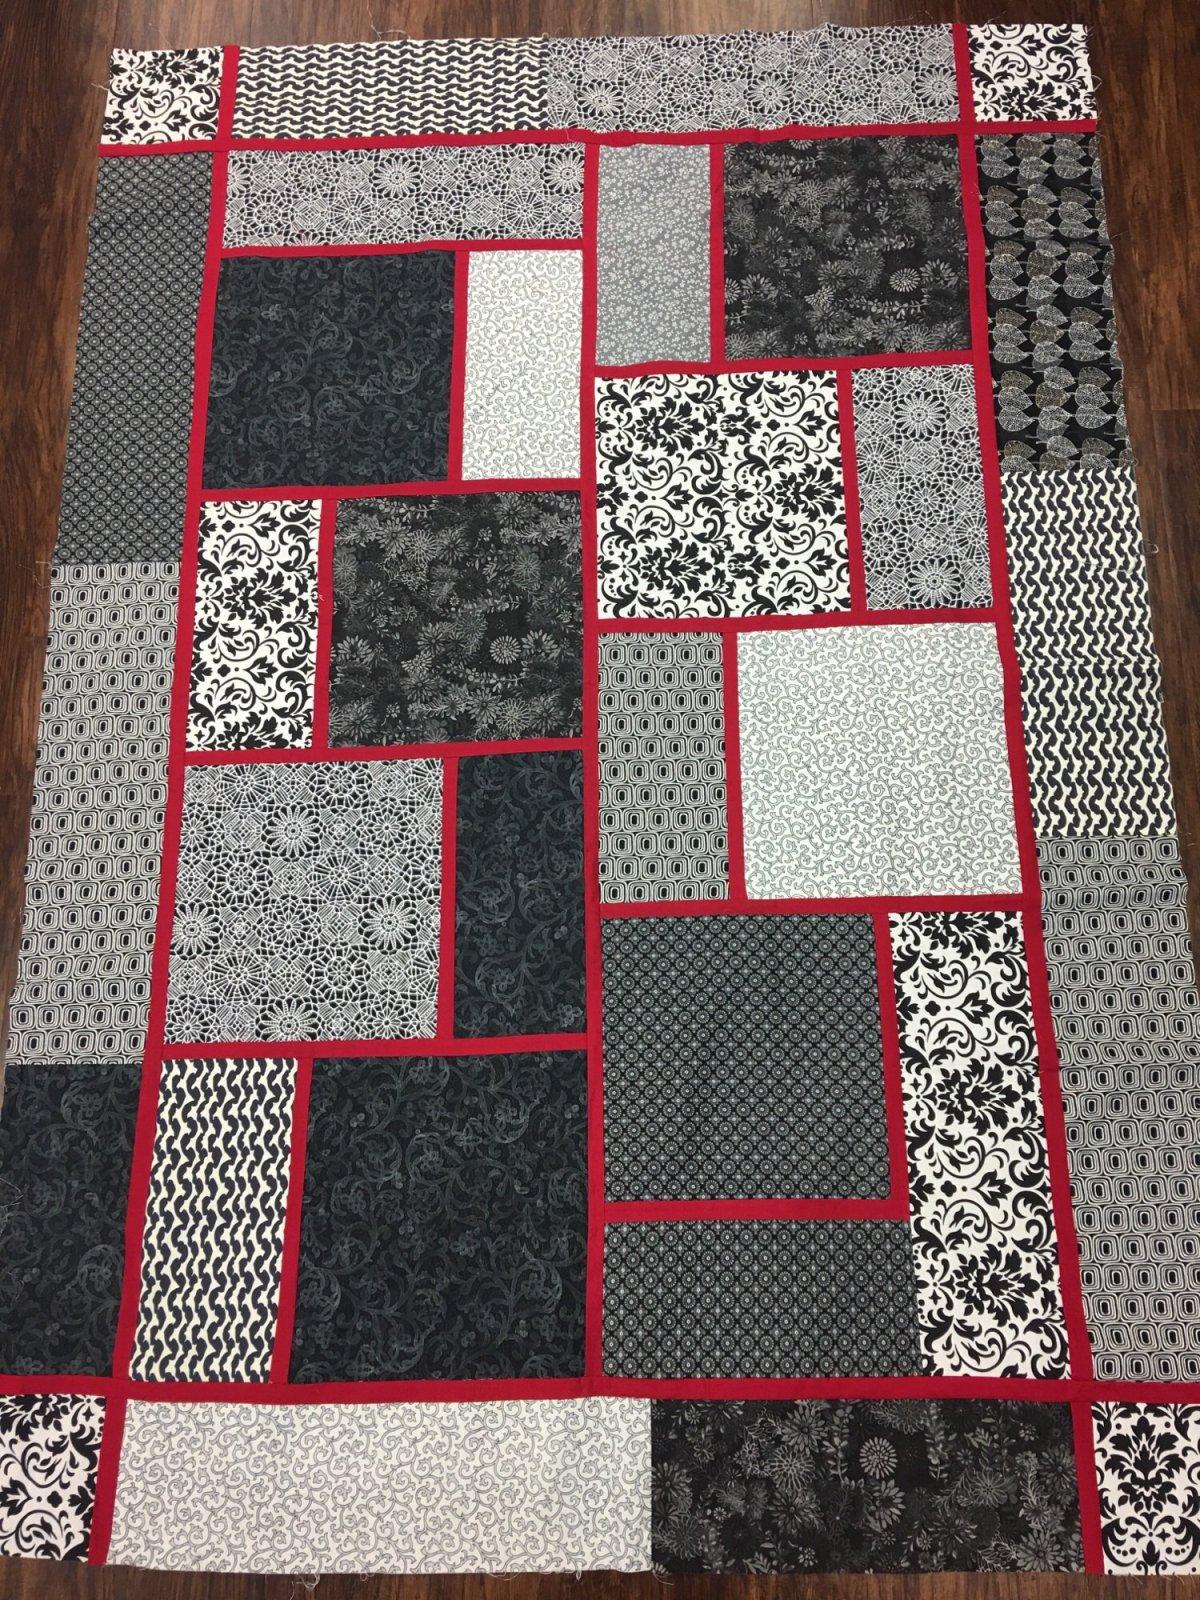 The Big Block Quilt Top